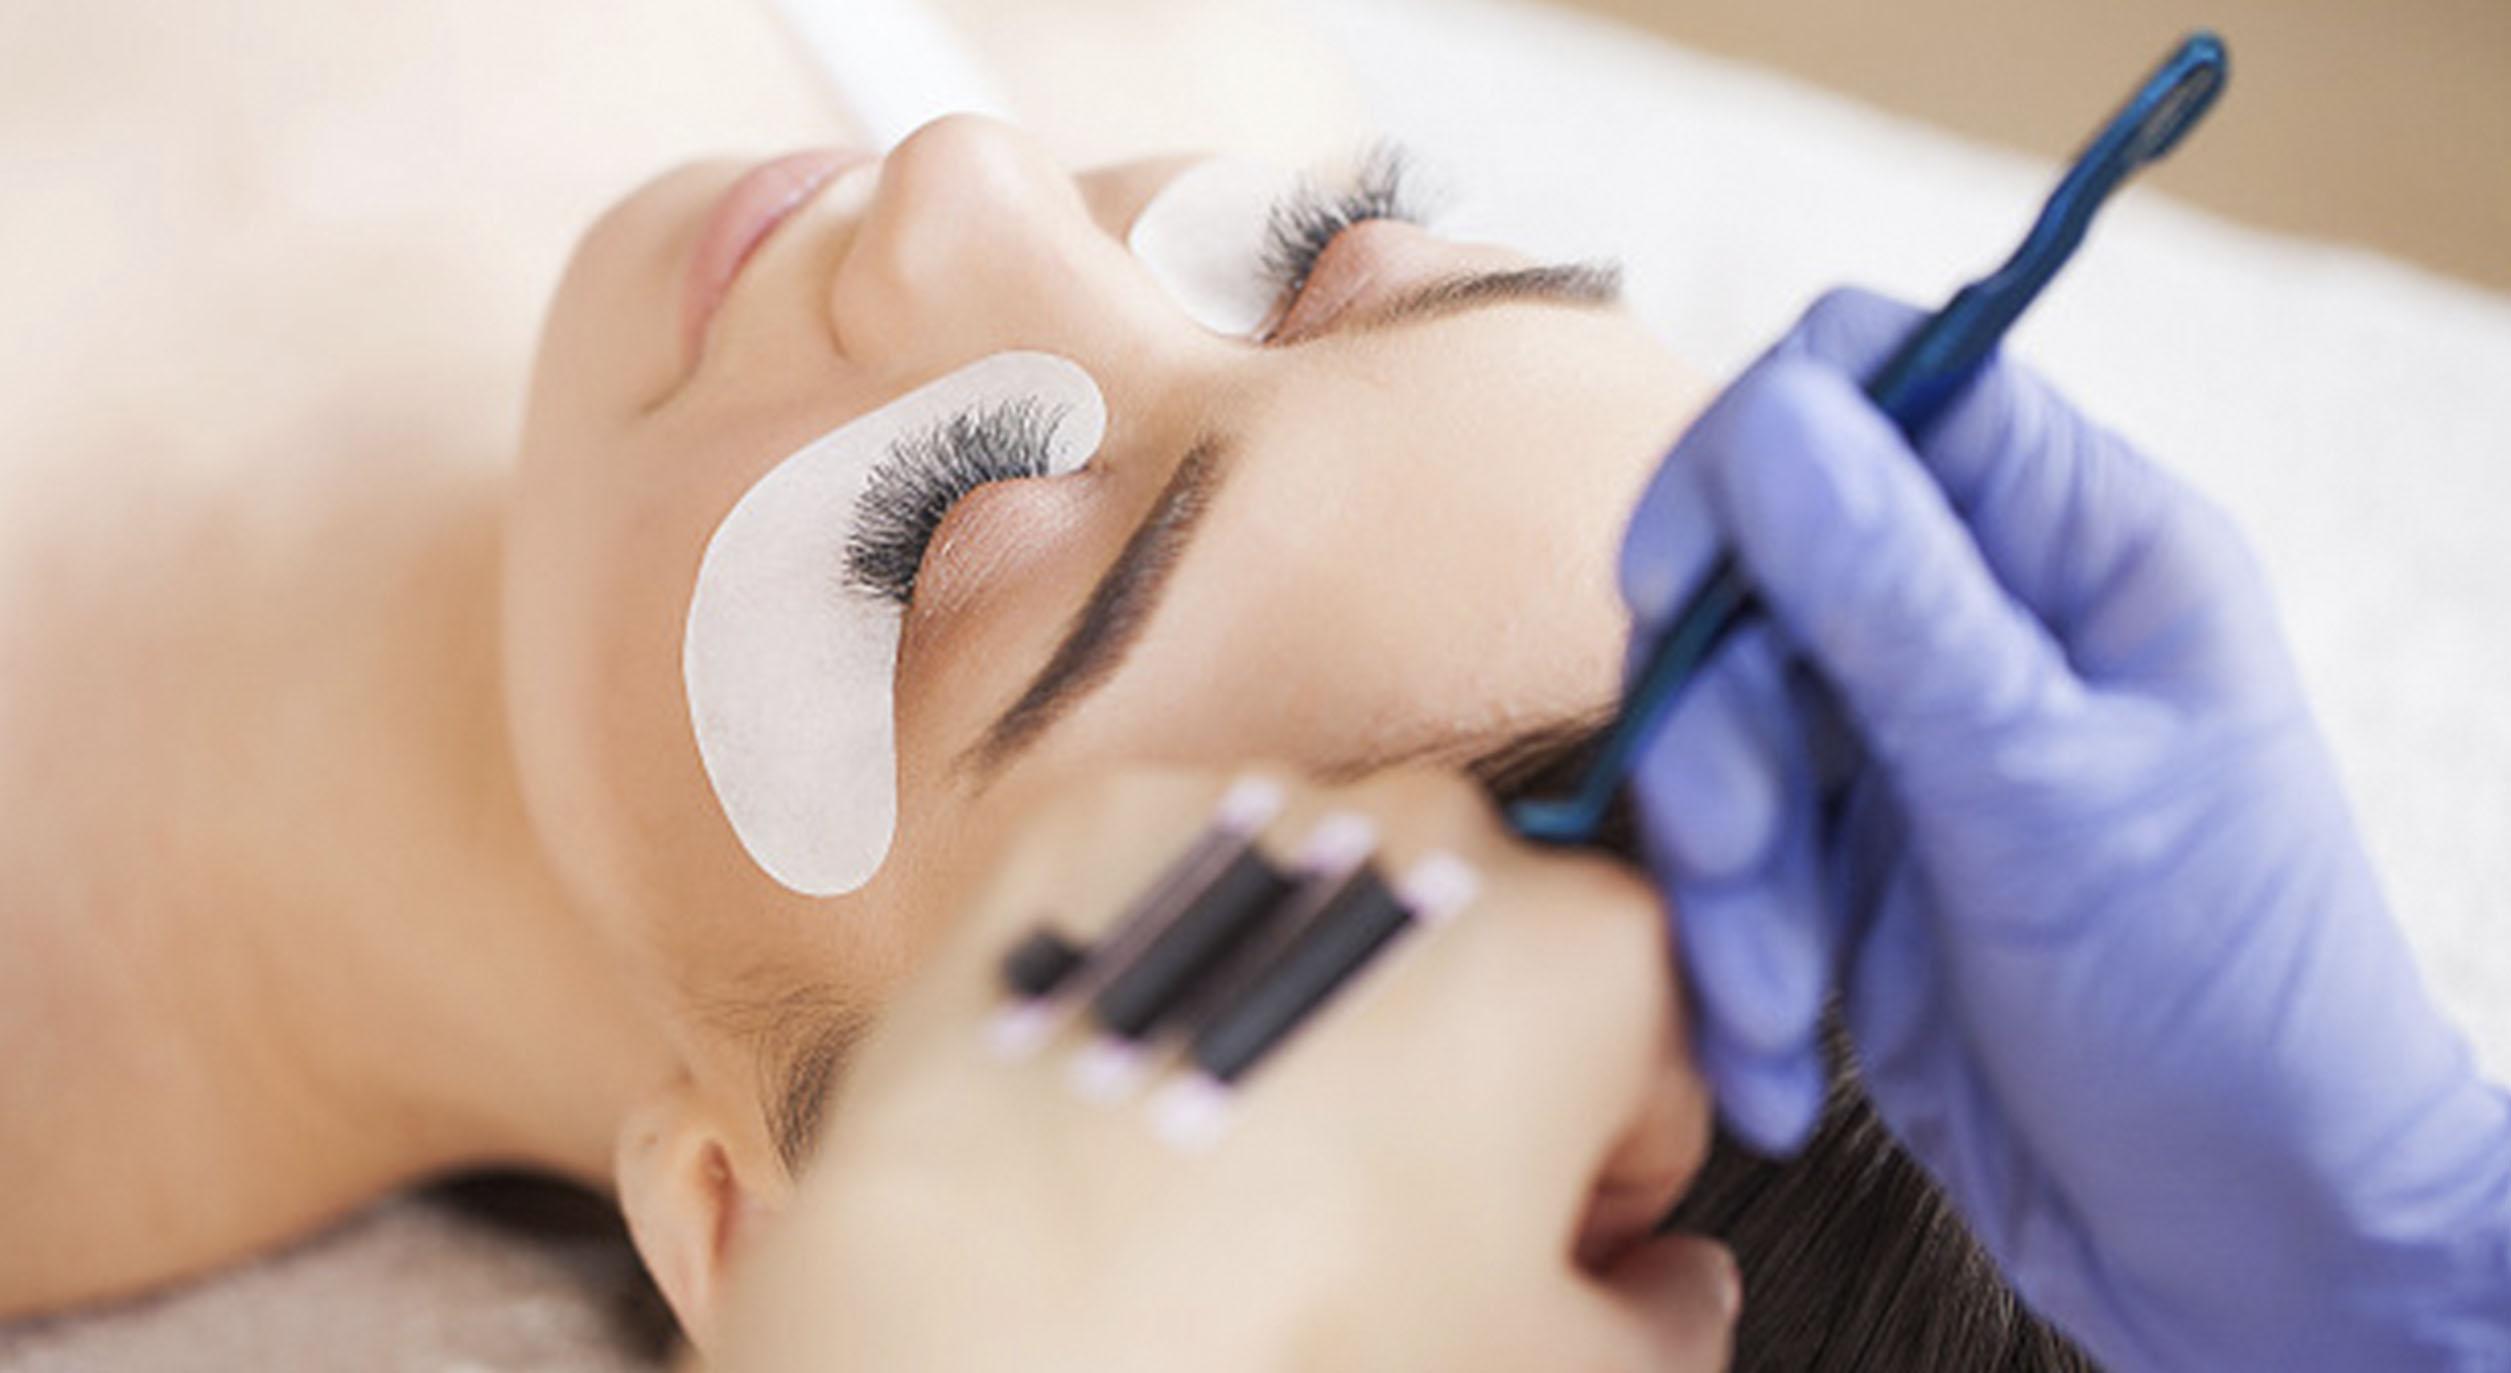 Eye lash extension process